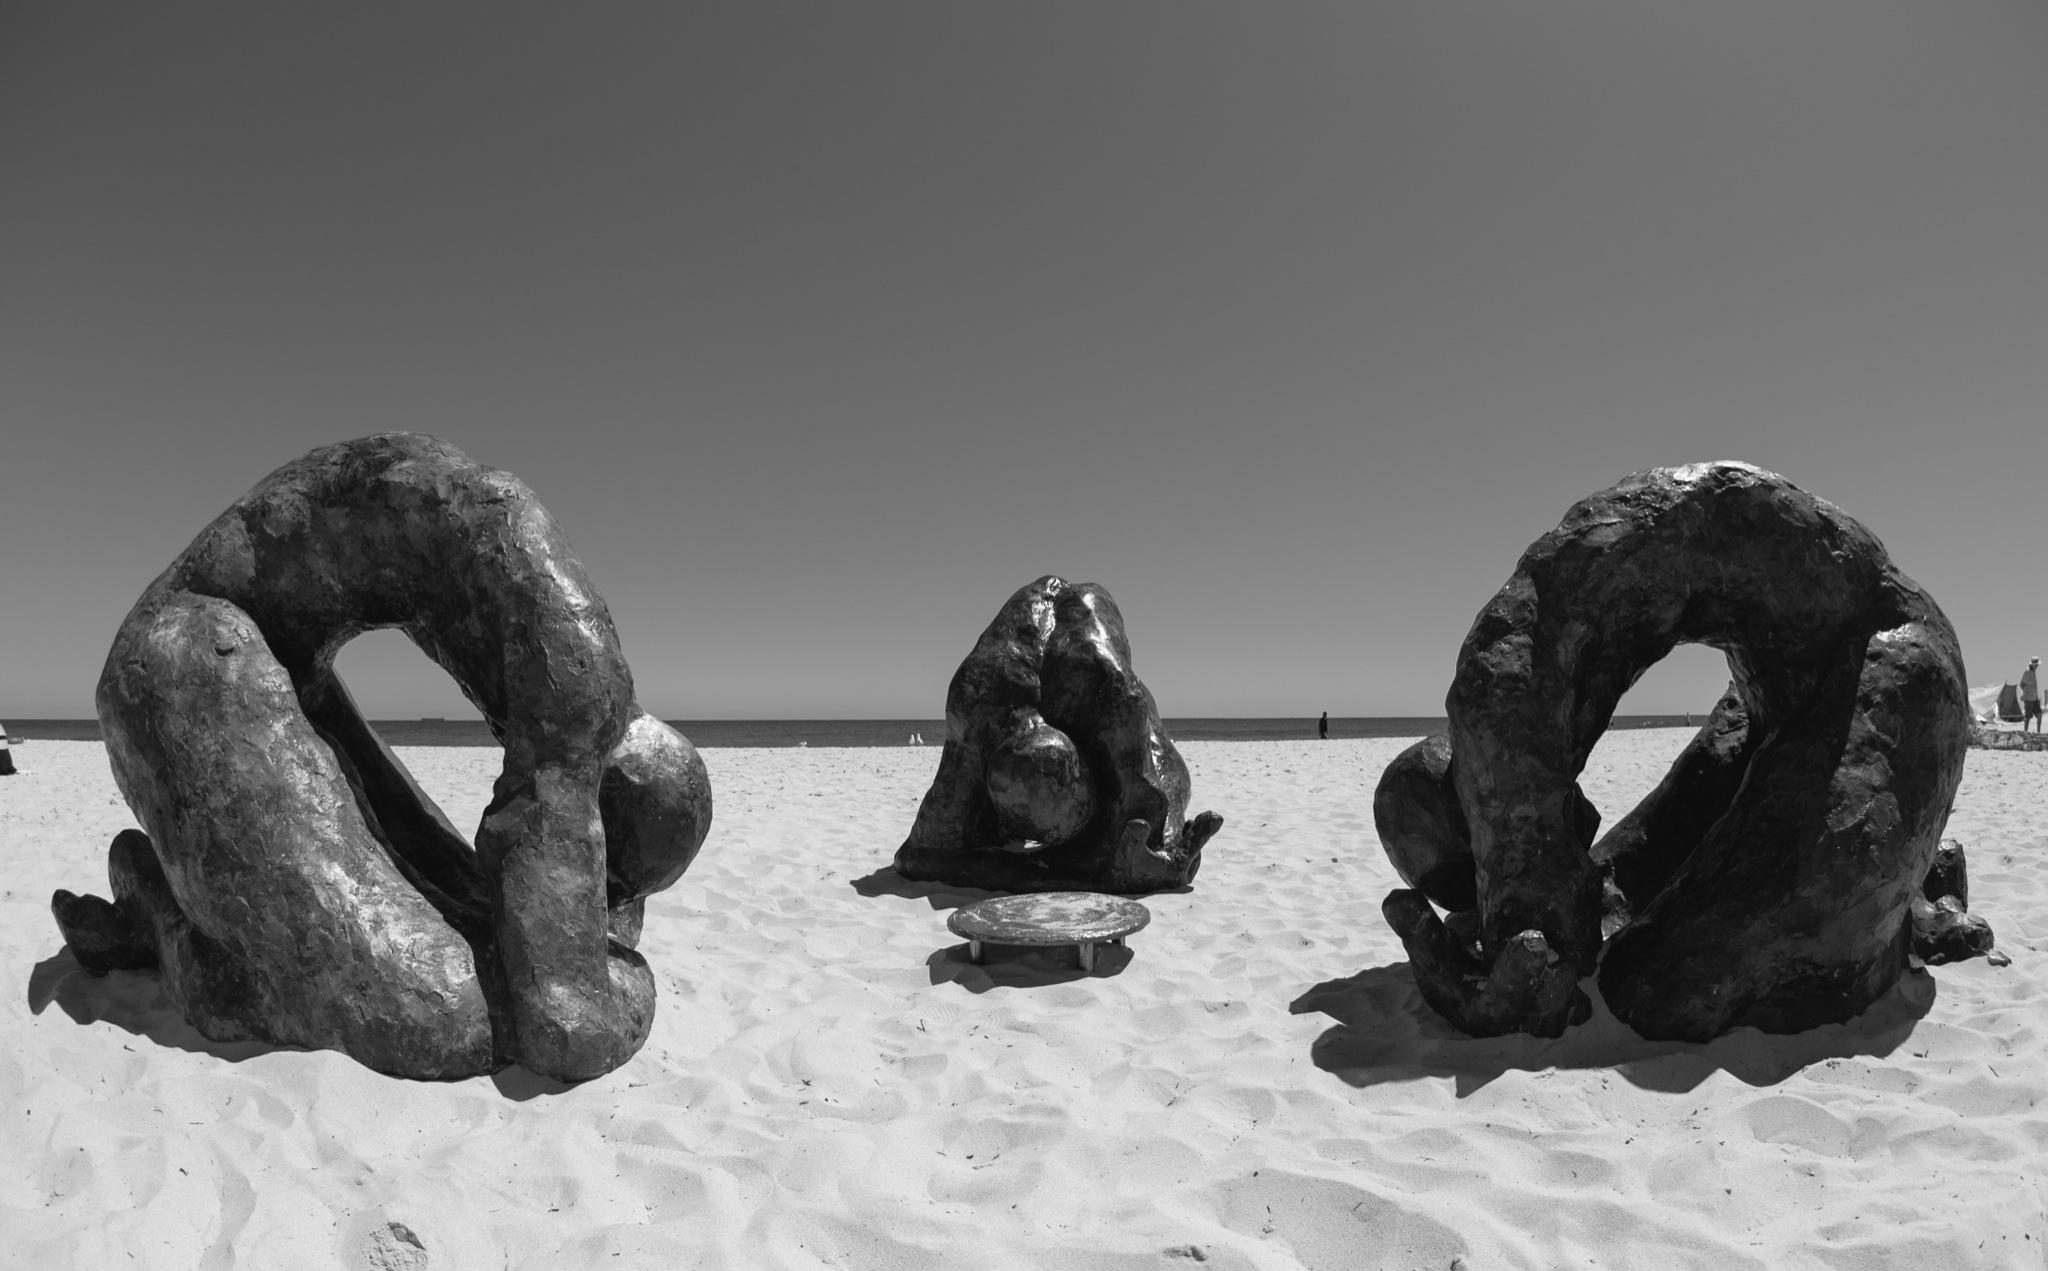 sculpturebythesea-64.jpg